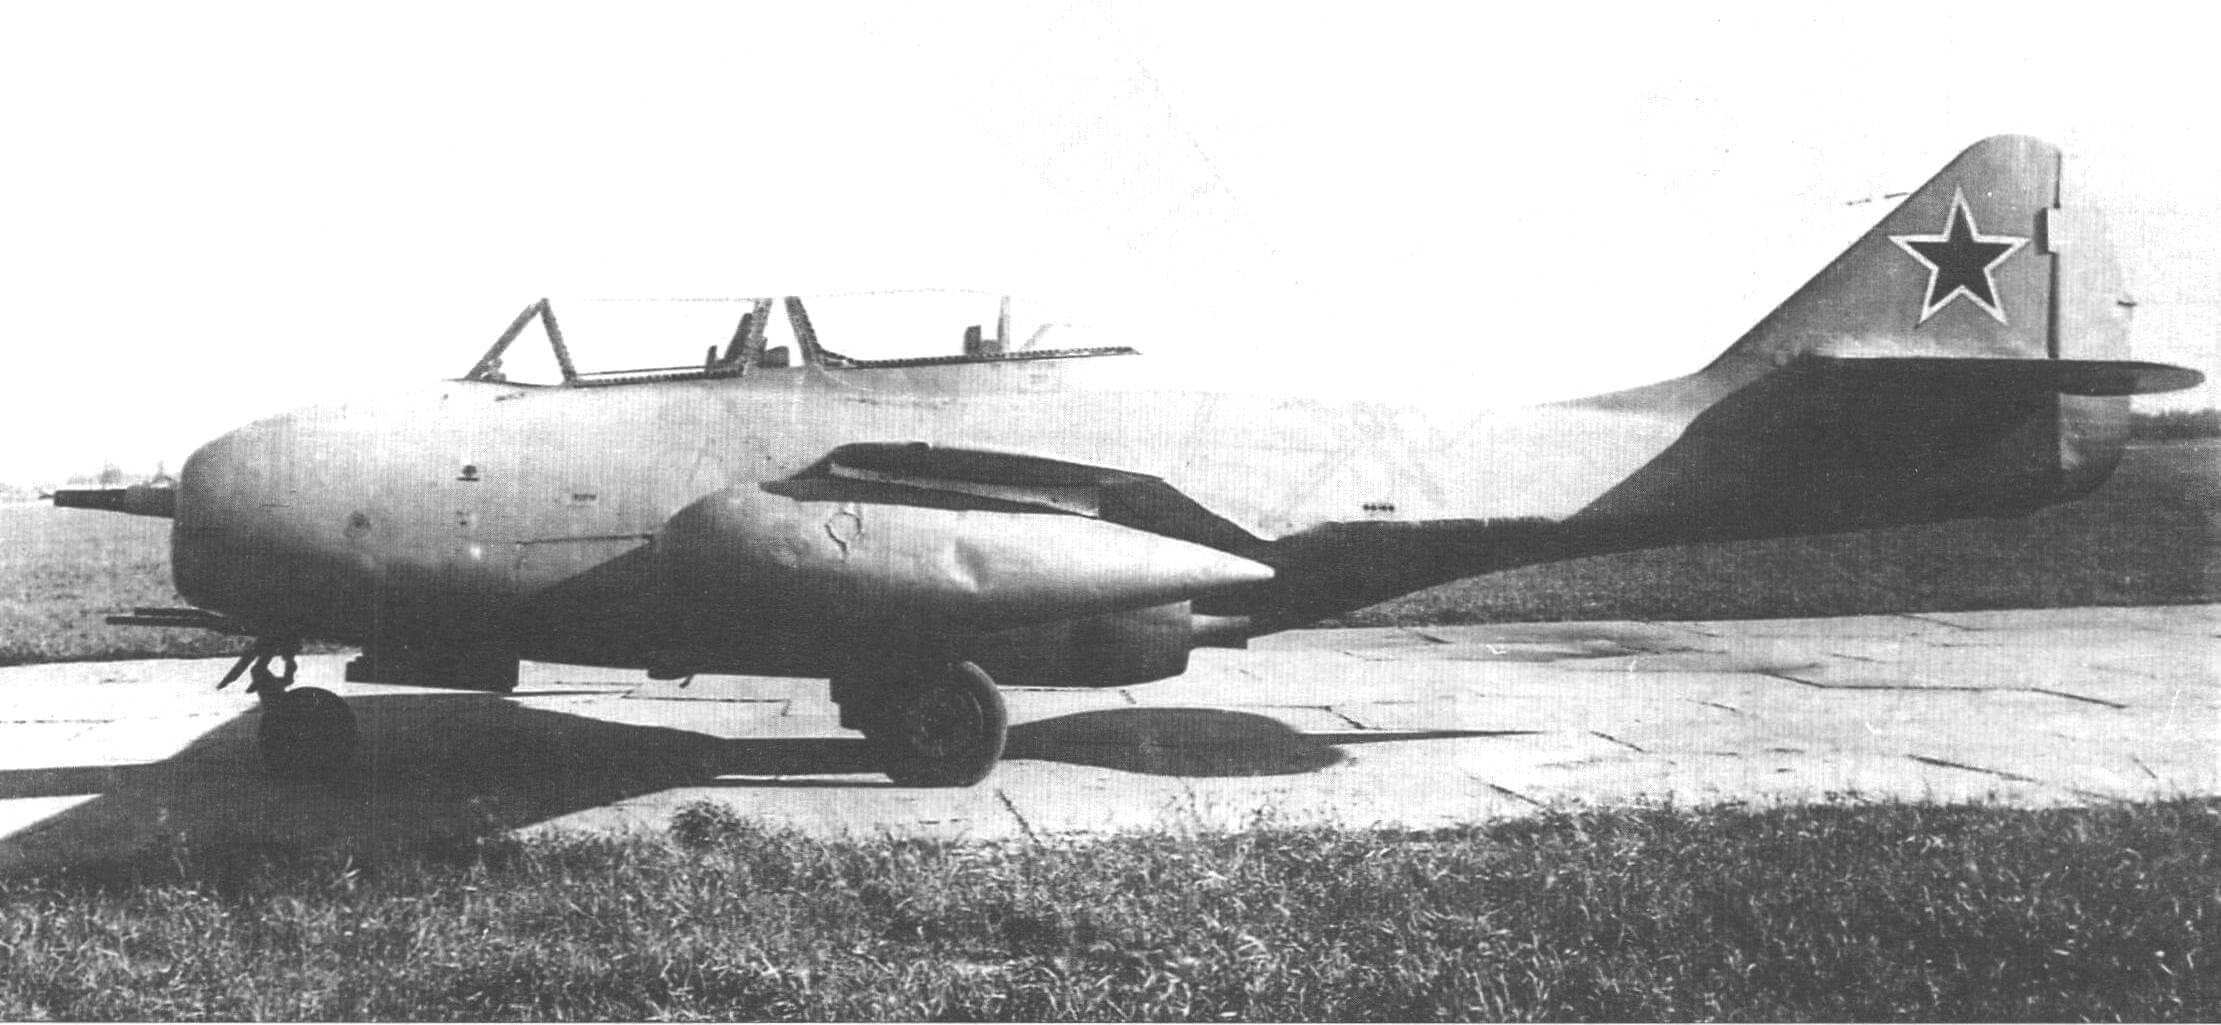 ФТ-2 с подвесными топливными баками на аэродроме НИИ ВВС